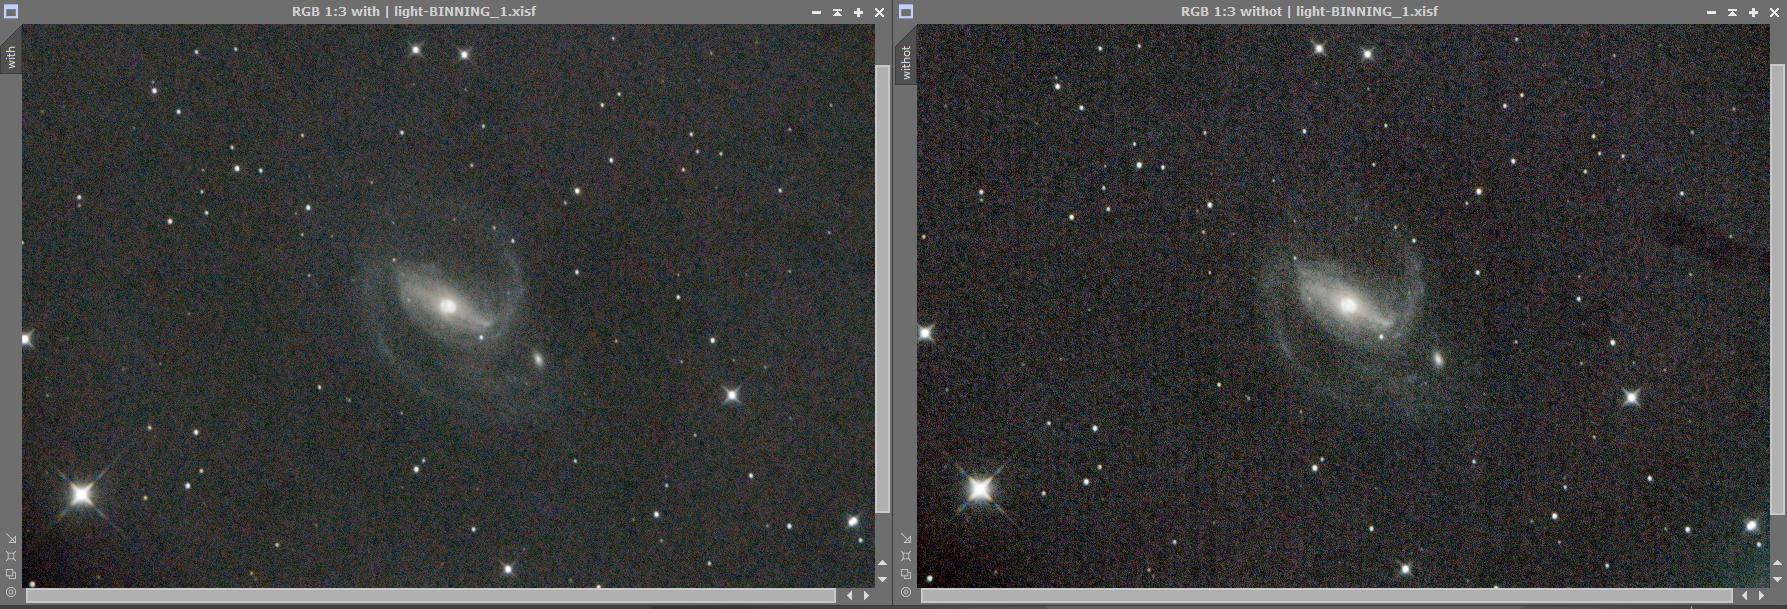 Το αριστερό fit έχει δεχθεί calibration frames ενώ το δεξί όχι. Η διαφορά είναι ακόμα πιο έντονη σε στακαρισμένη φωτογραφία.